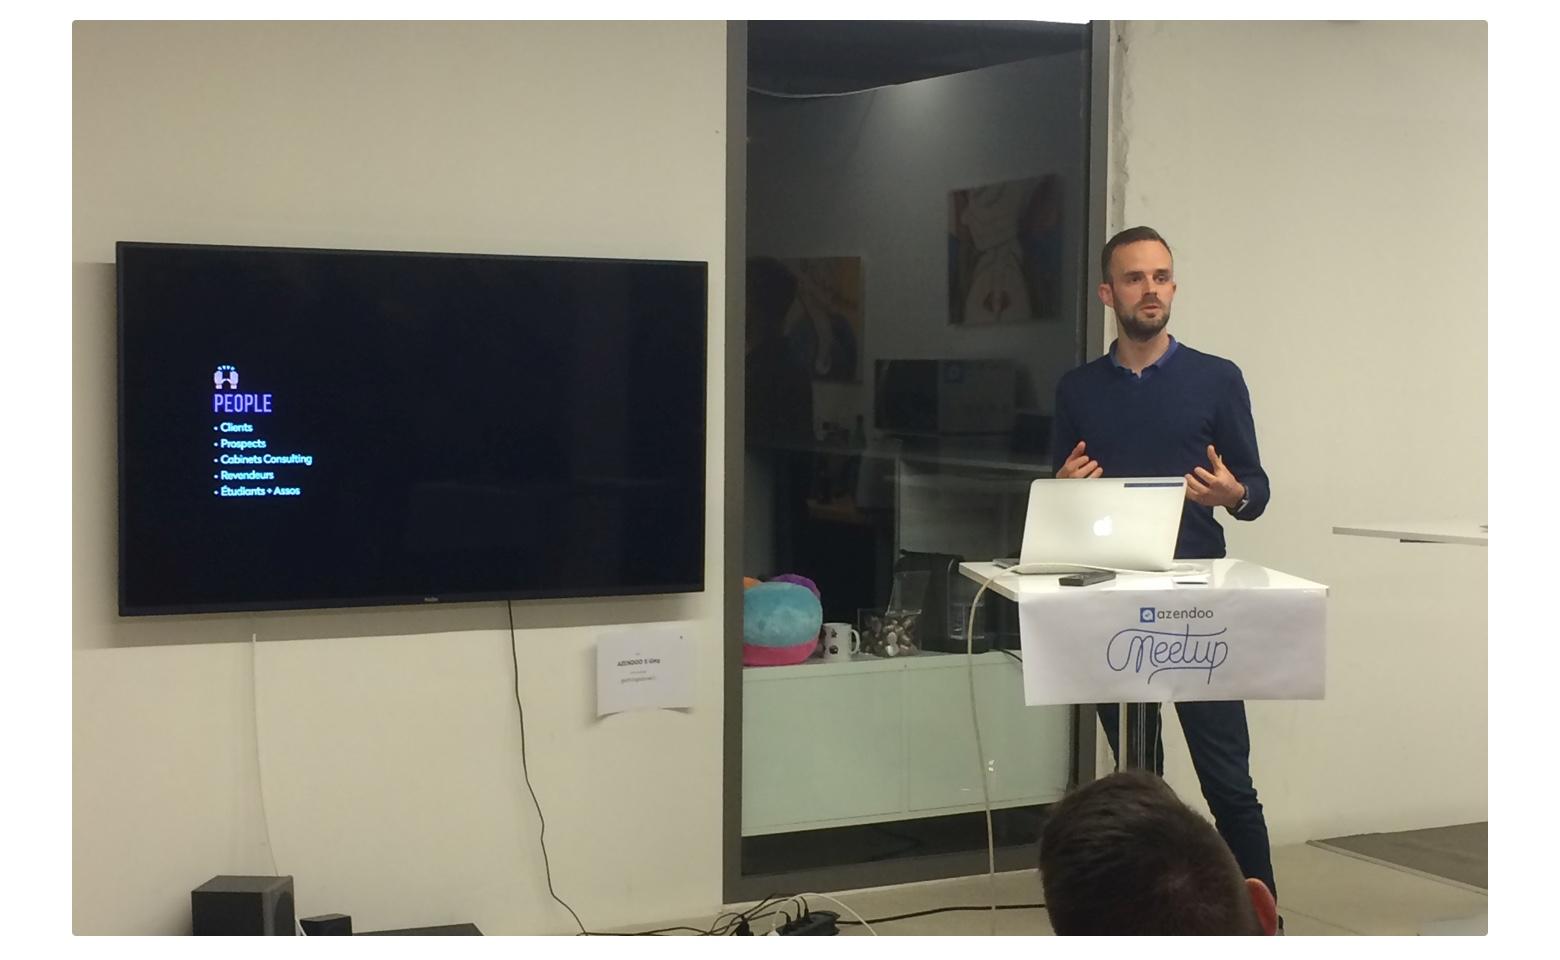 Ensuite, Byron Dunne, notre Business Developer a exposé les stratégies et notre business model.